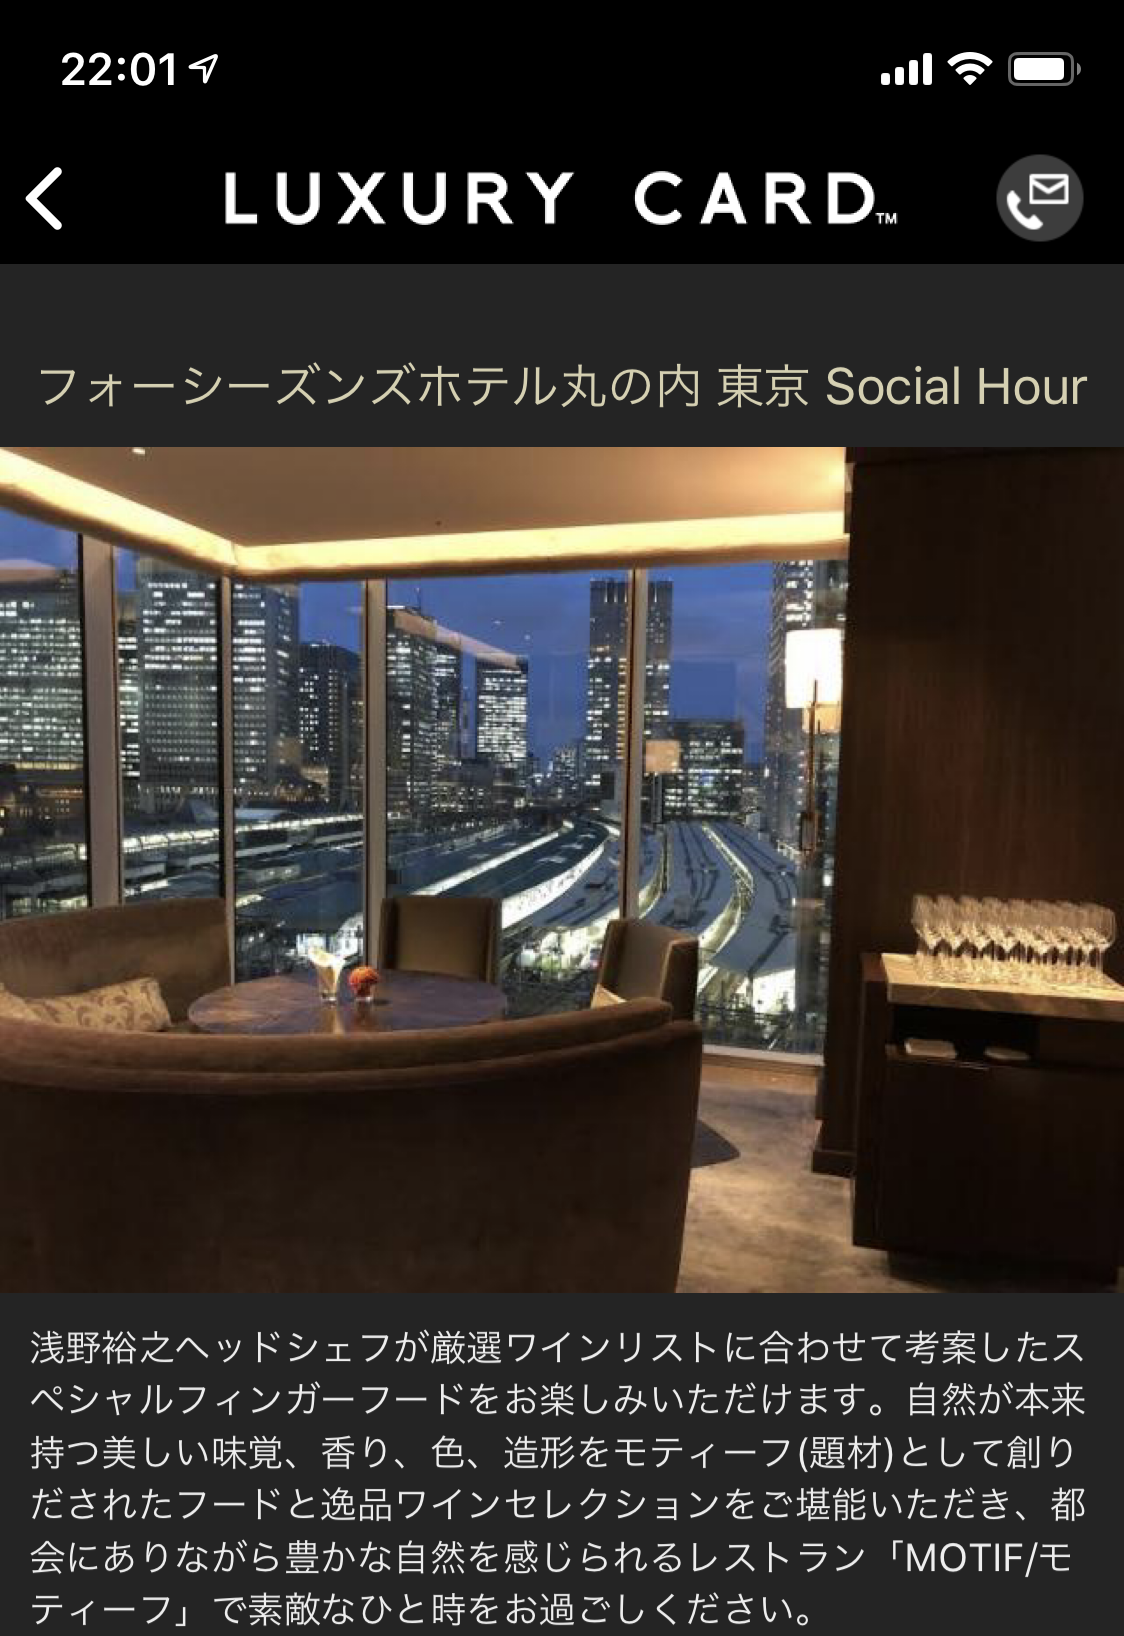 フォーシーズンズホテル東京でのラグジュアリーソーシャルアワー